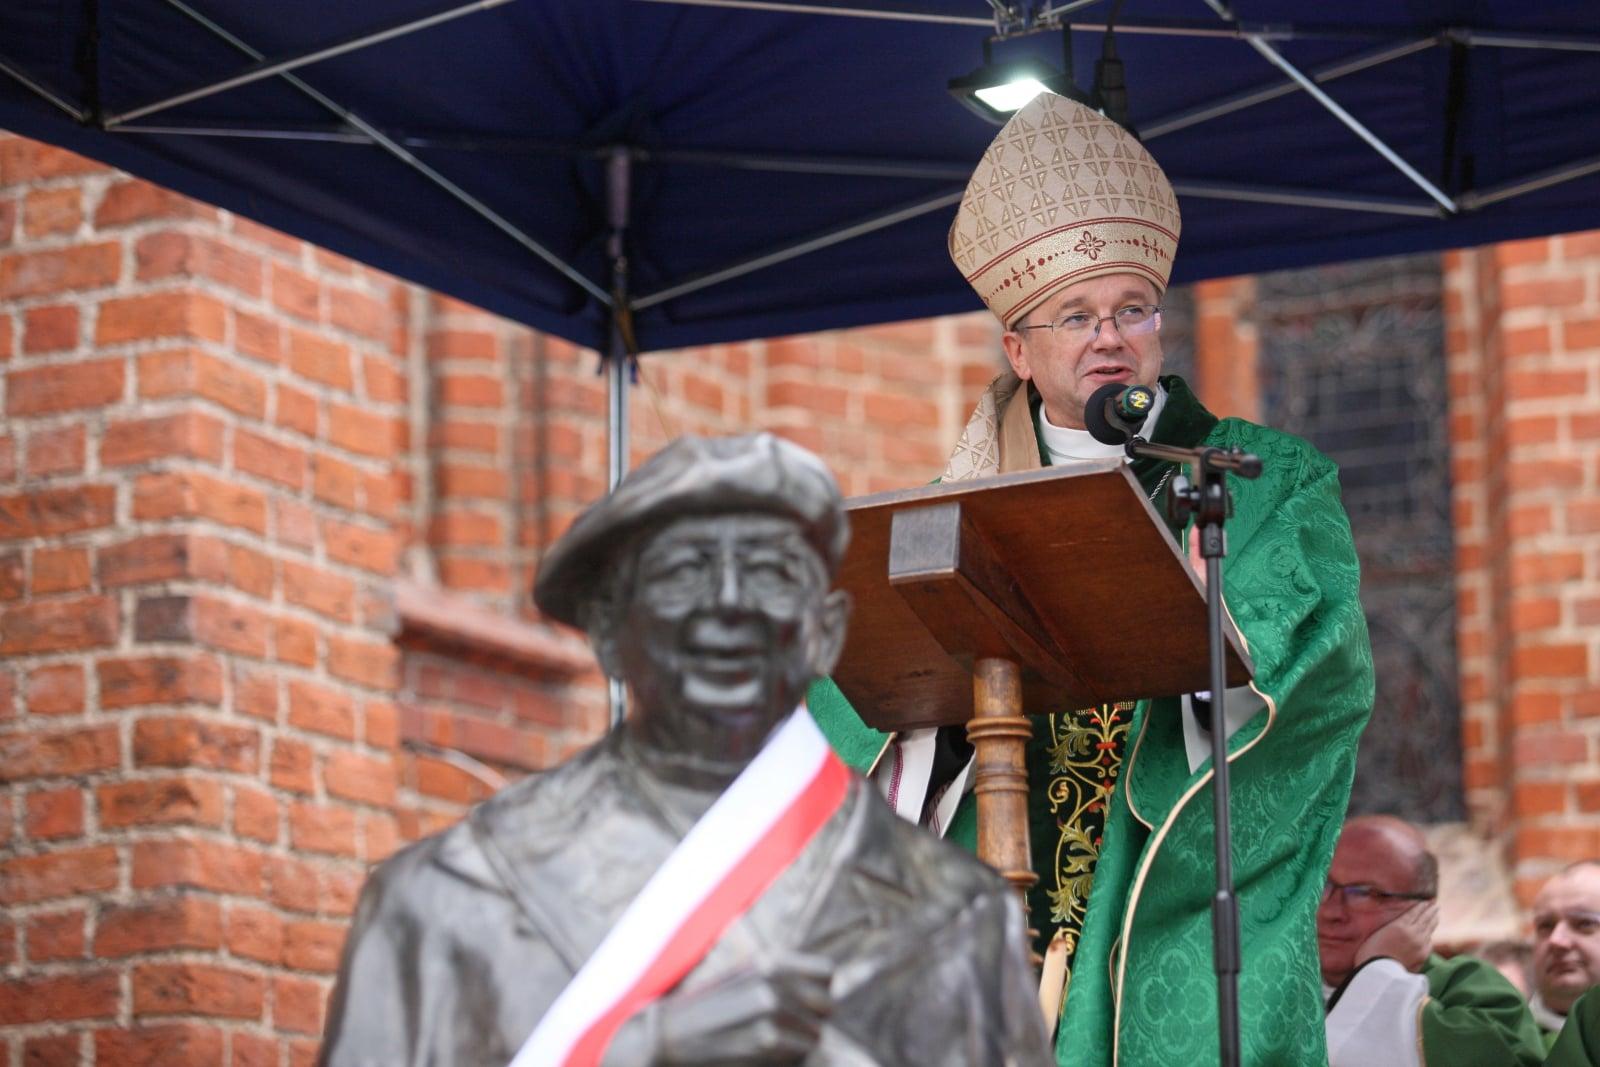 Biskup Tadeusz Lityński podczas Mszy św. w ramach uroczystoœci odsłonięcia pomnika kapelana